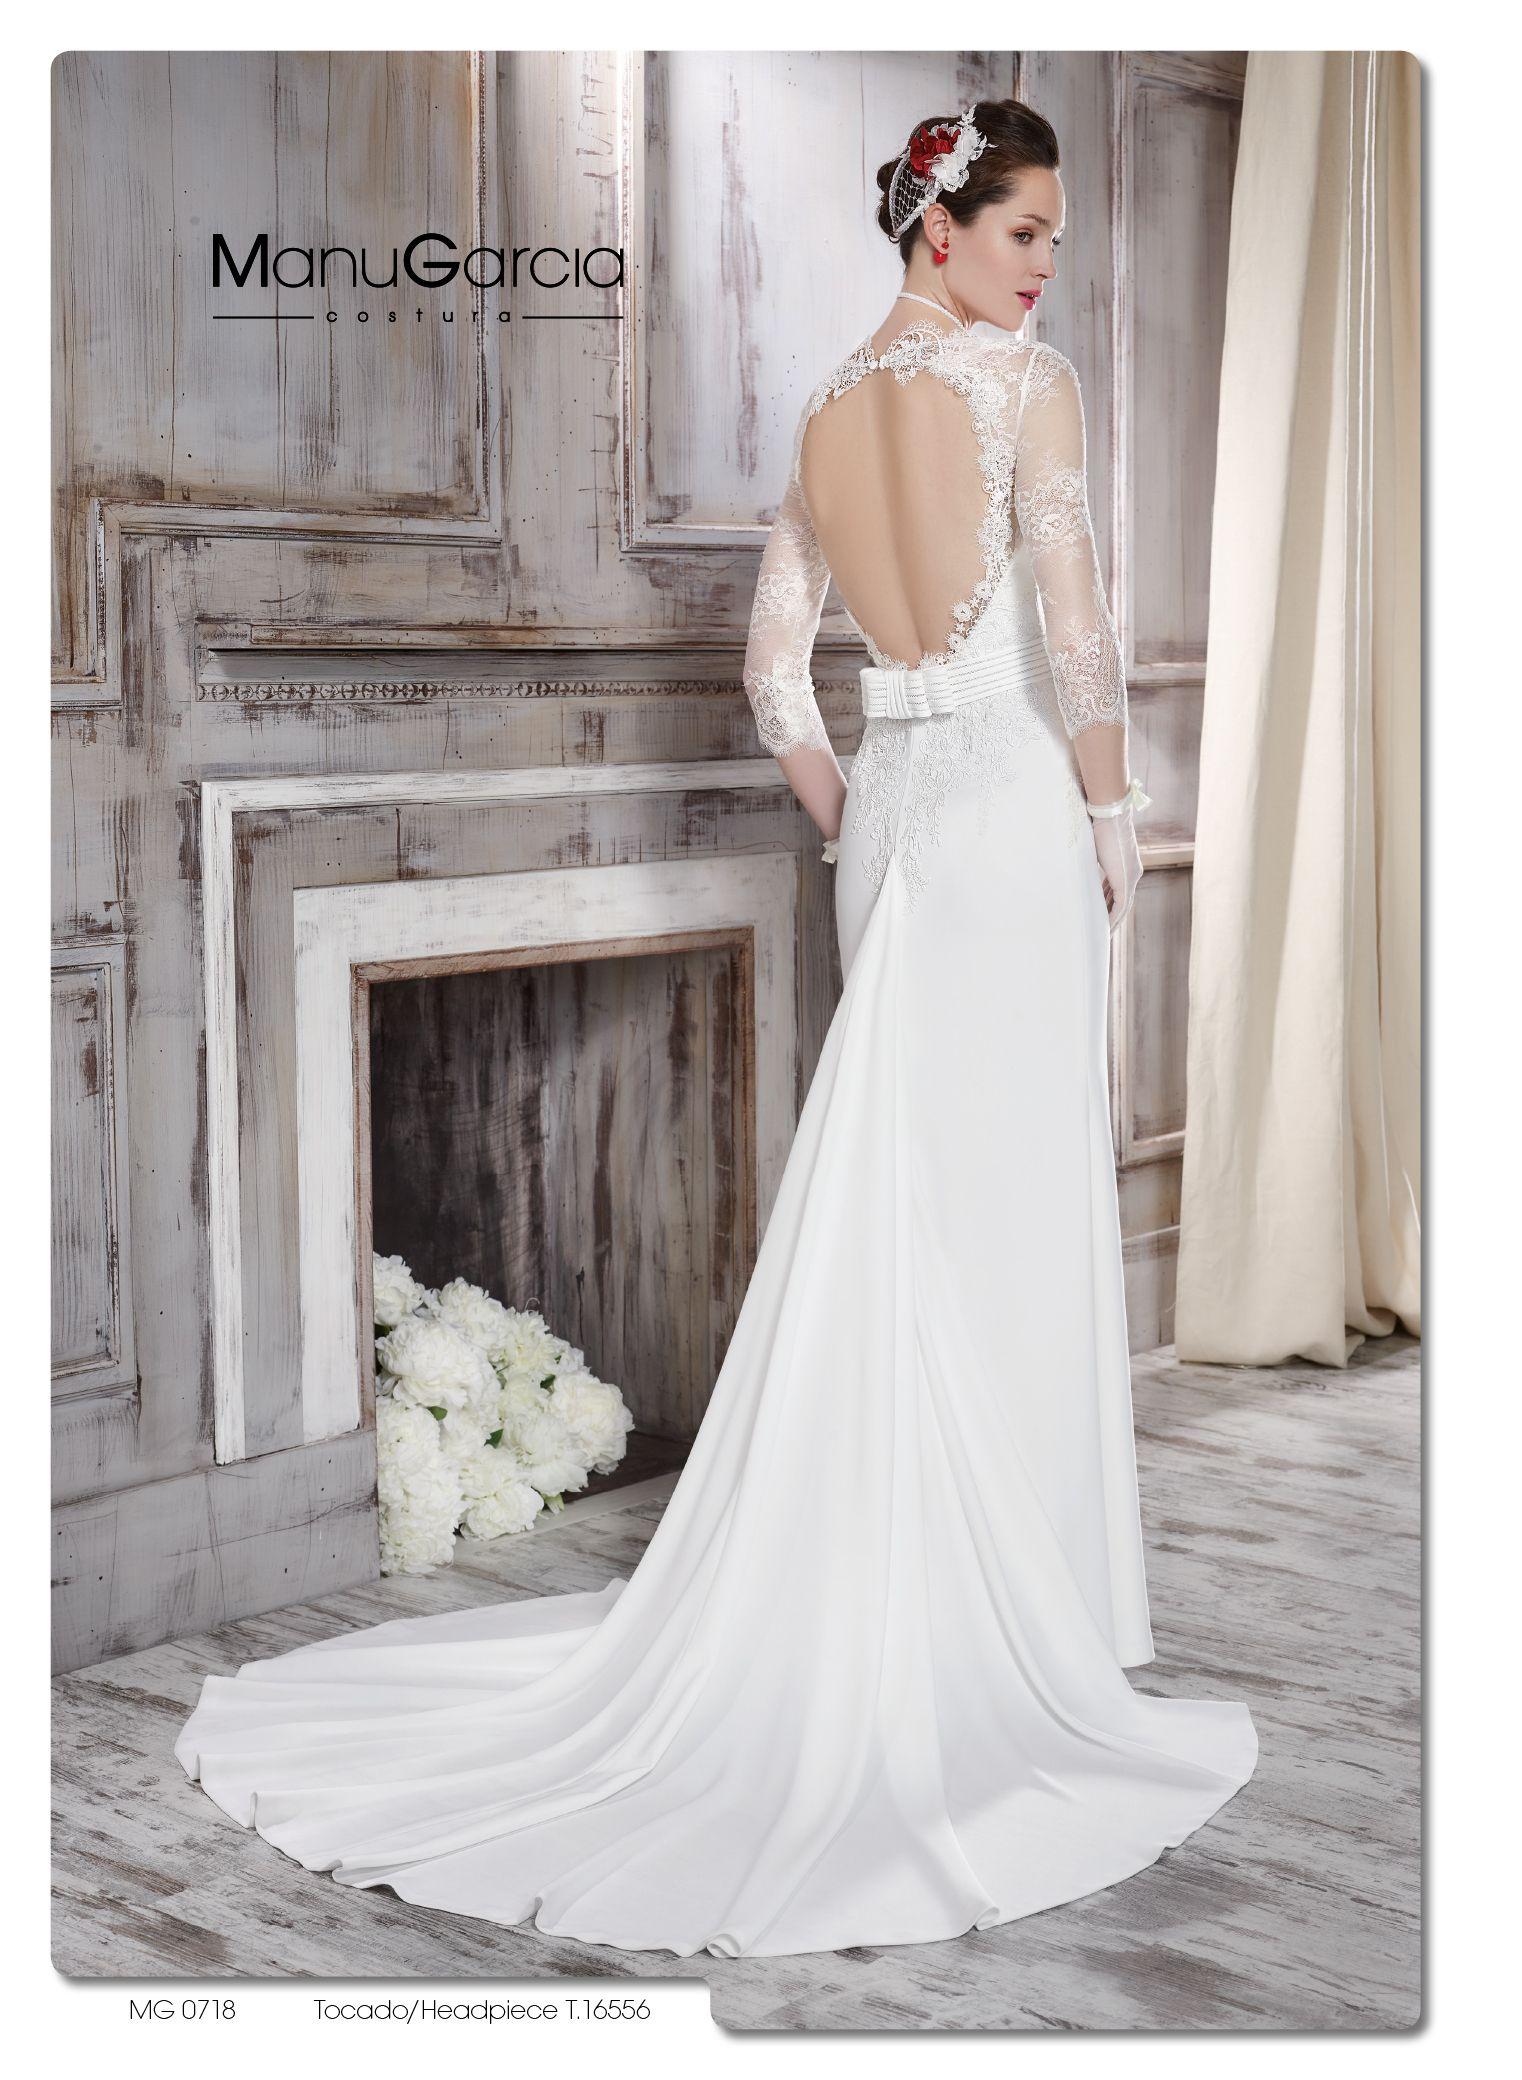 #Novia #weddingdress #Volantes #vestidodenovia #ManuGarcía #colección2016 #escotesespalda